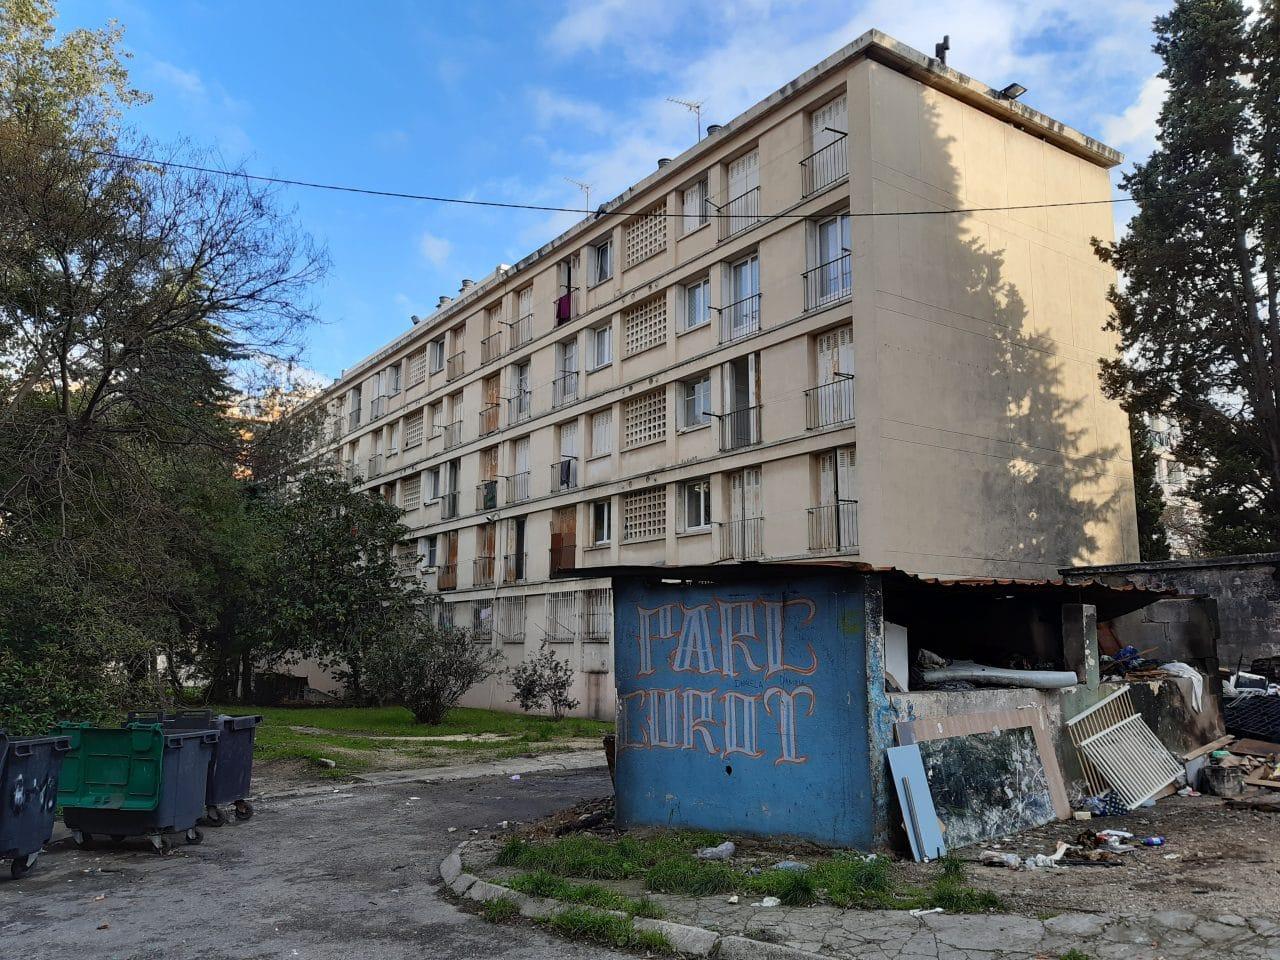 CDC Habitat Action Copropriétés se mobilise pour assurer les conditions d'un redressement durable du Parc Corot, copropriété dégradée située dans les quartiers nord de Marseille